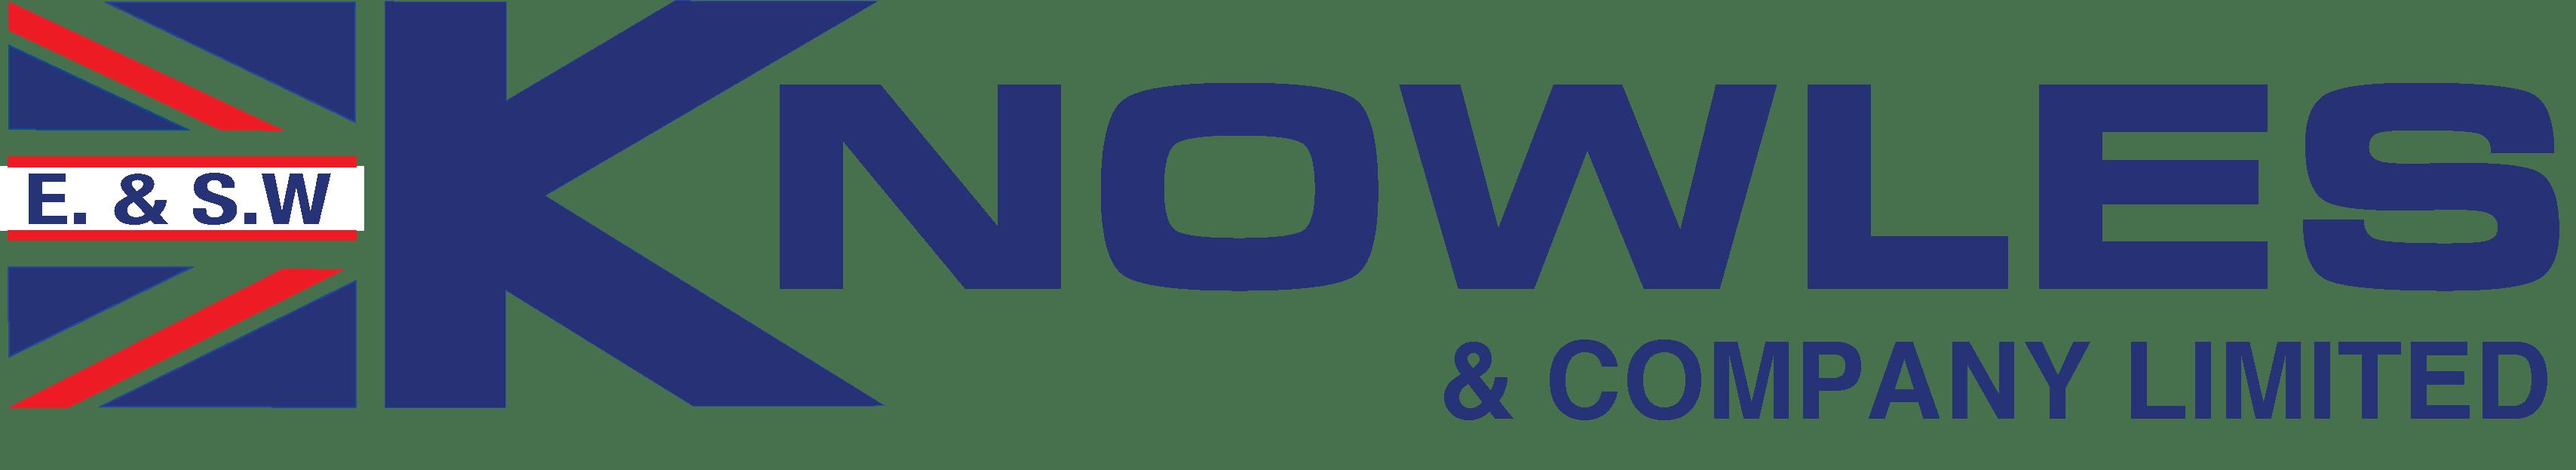 ESW Knowles Site Logo